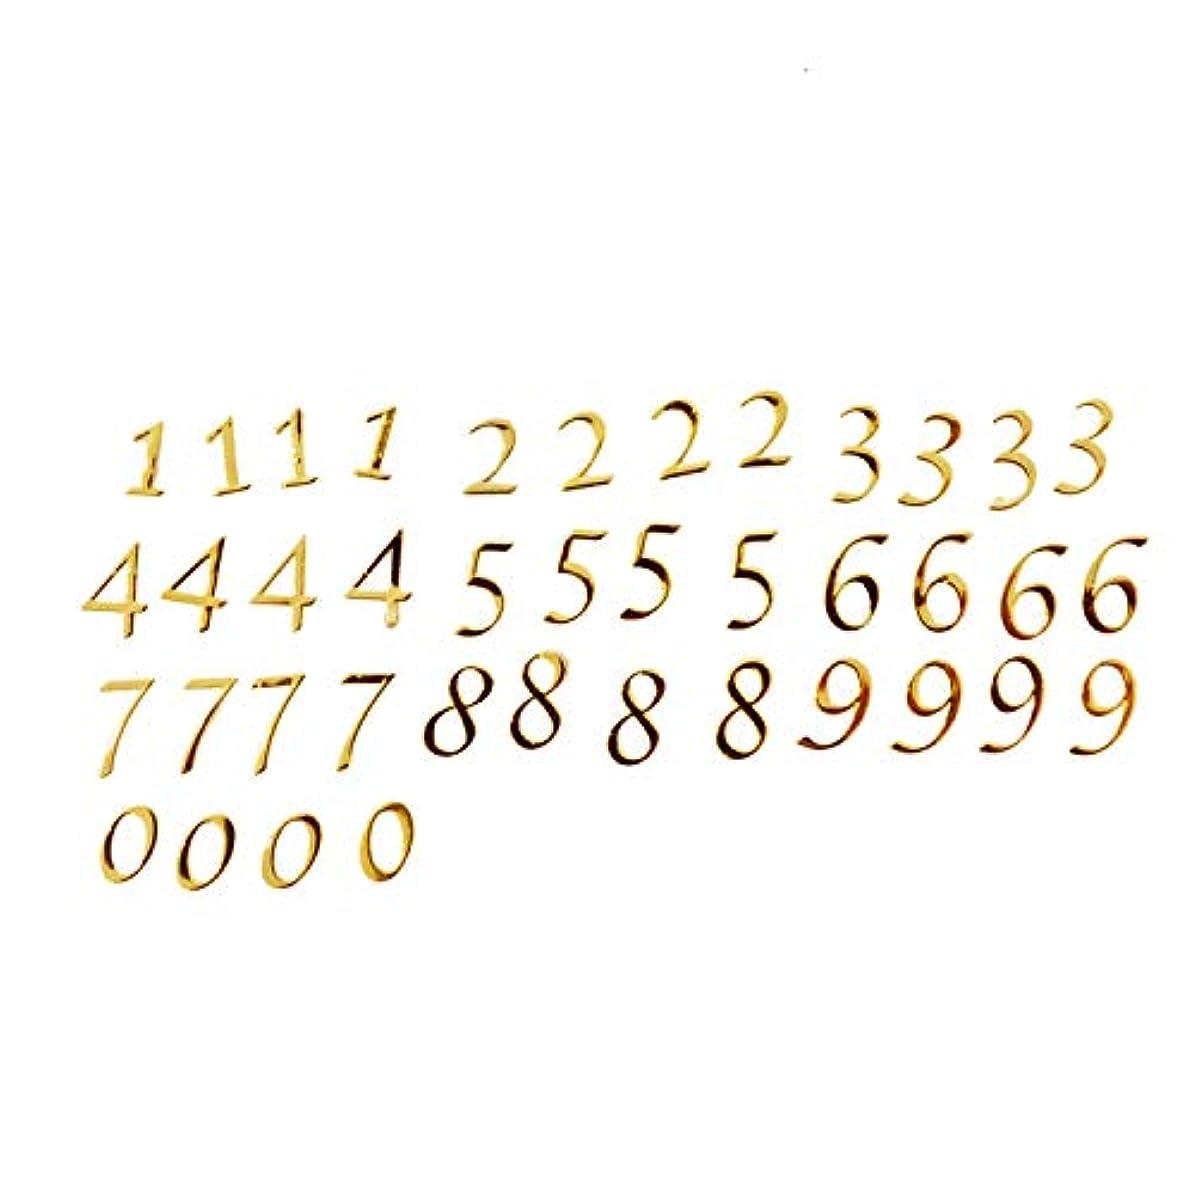 ケーブルカー先住民レポートを書く数字のメタルパーツ0から9まで4枚ずつ、合計40枚セット